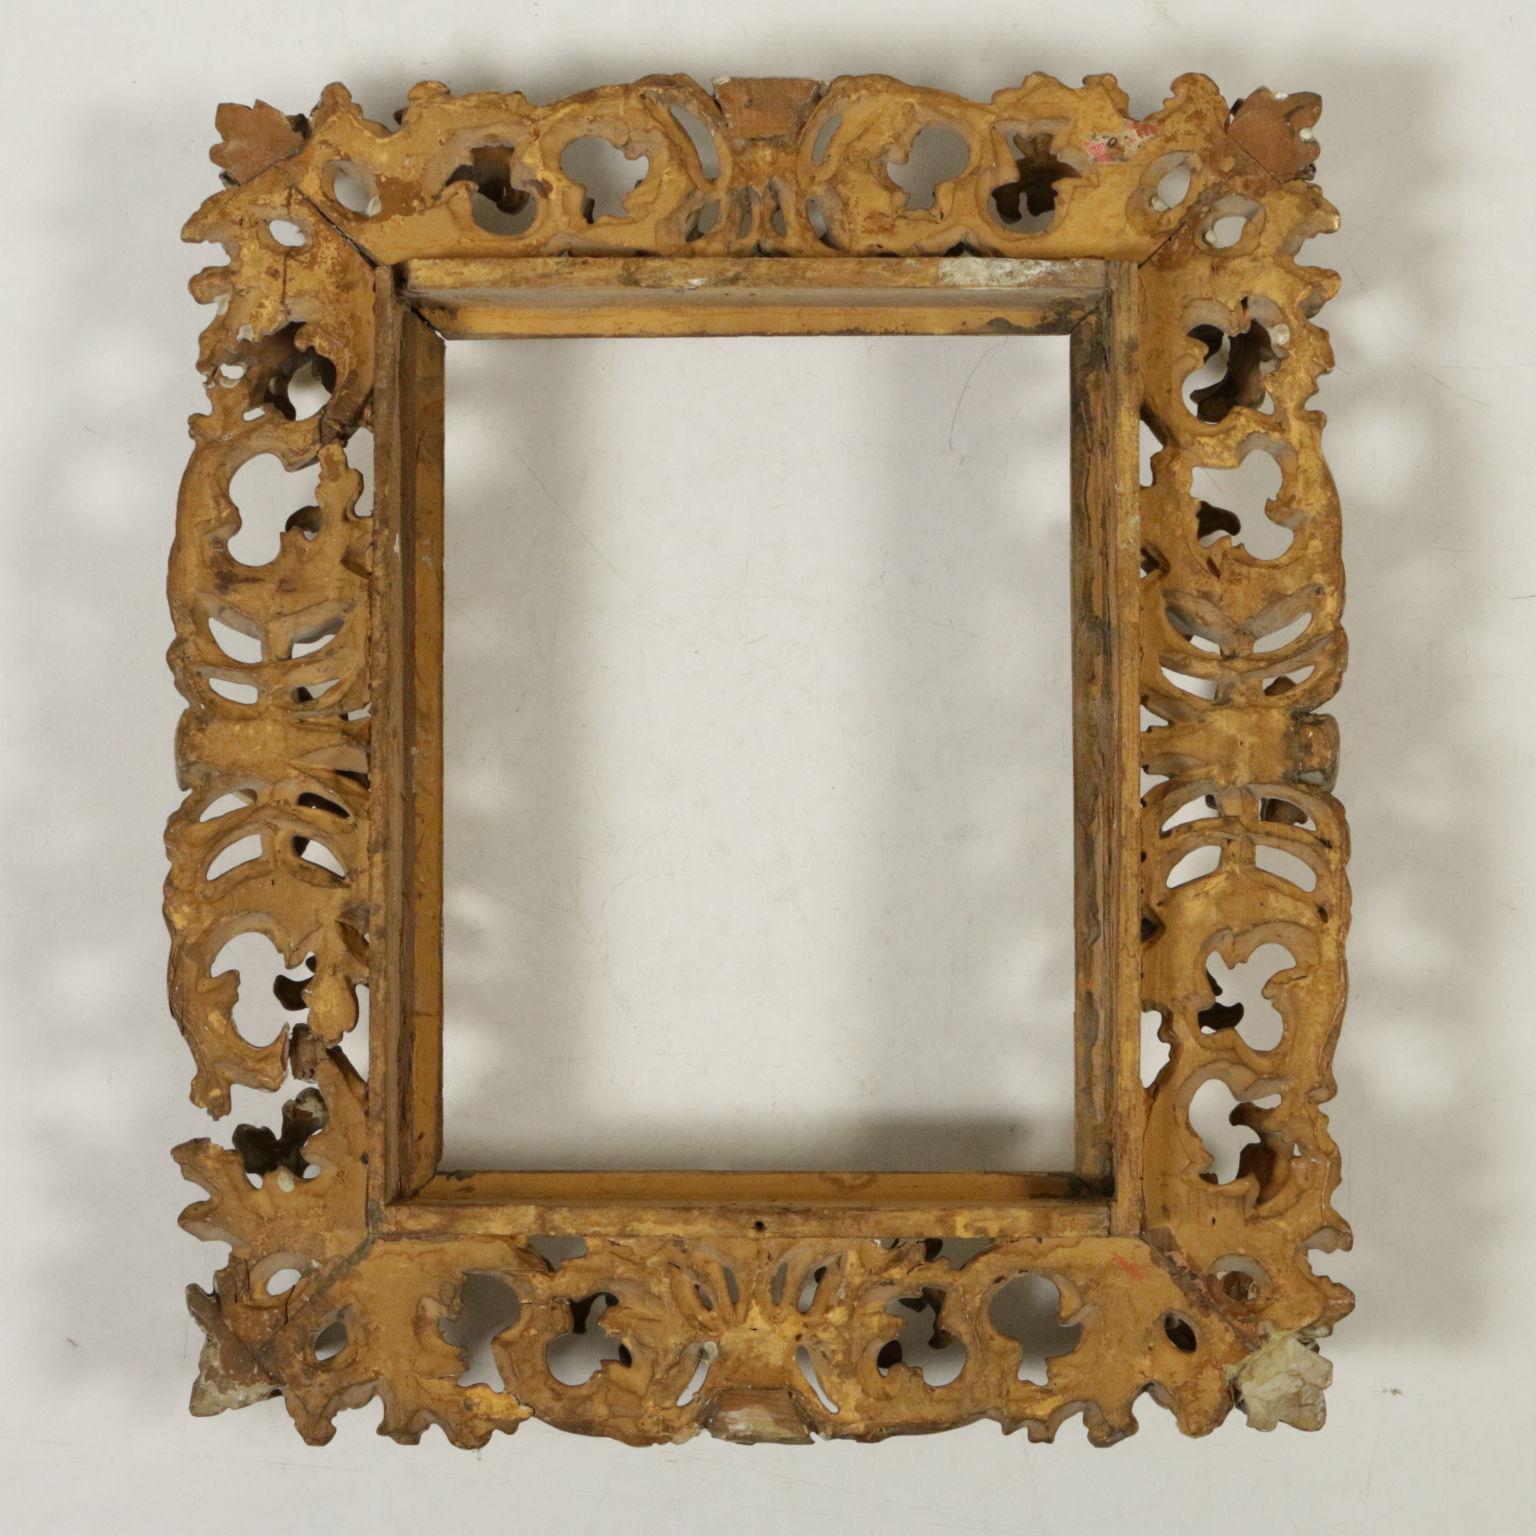 Cornice dorata specchi e cornici antiquariato - Specchio con cornice dorata ...